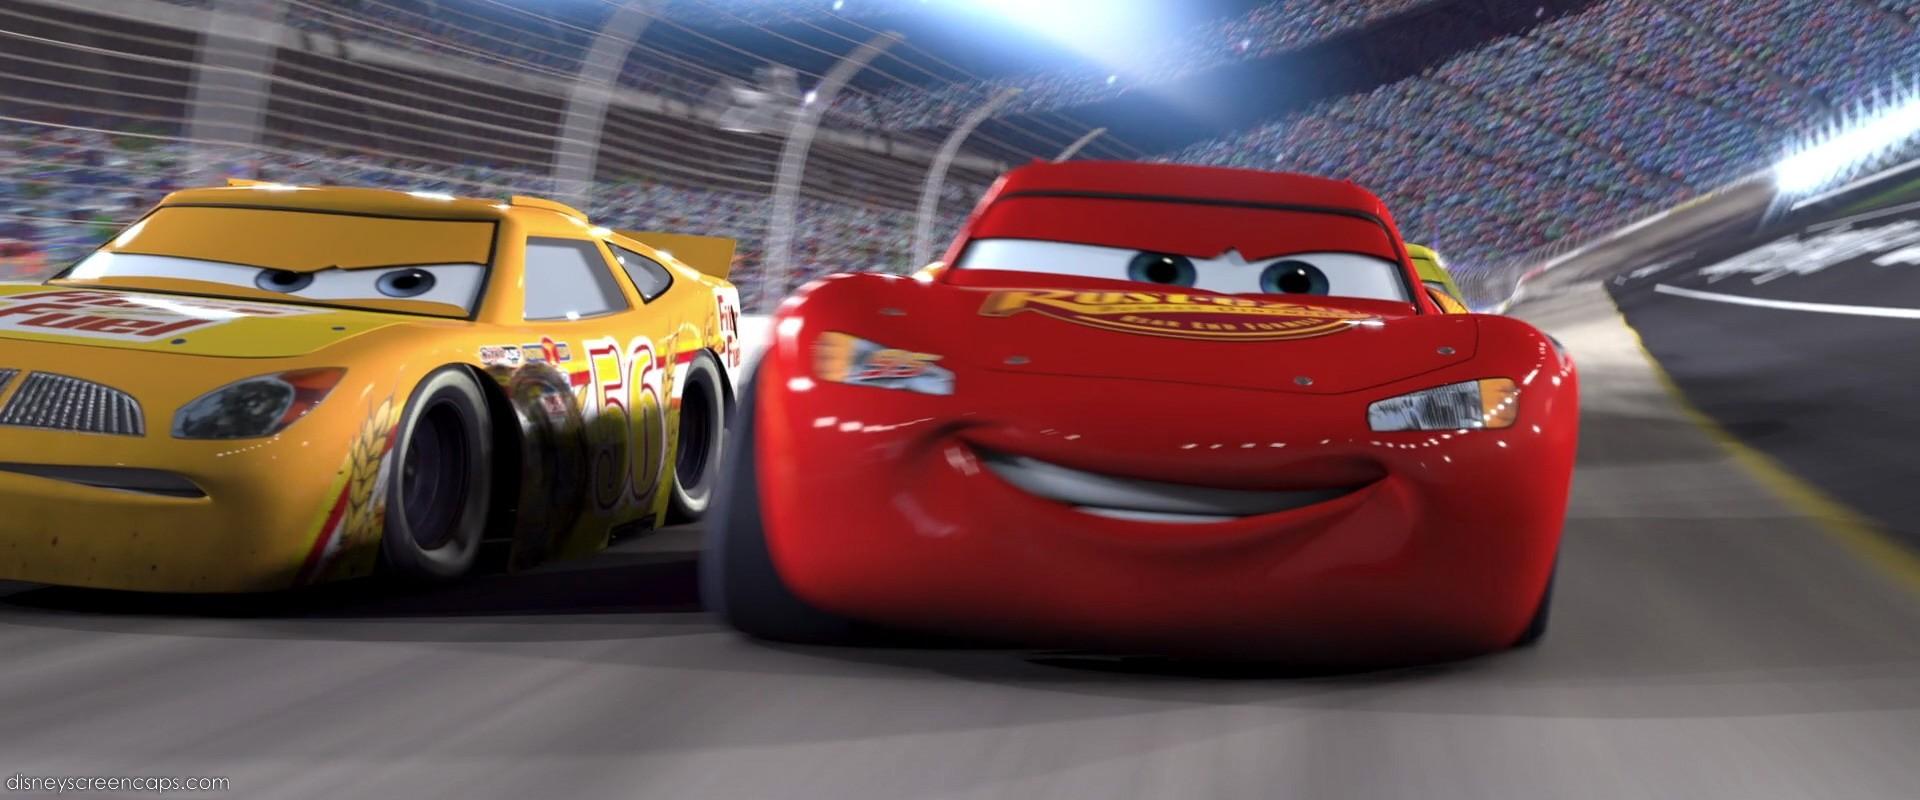 Lightning McQueen images Lightning McQueen wallpaper photos 26226851 1920x800